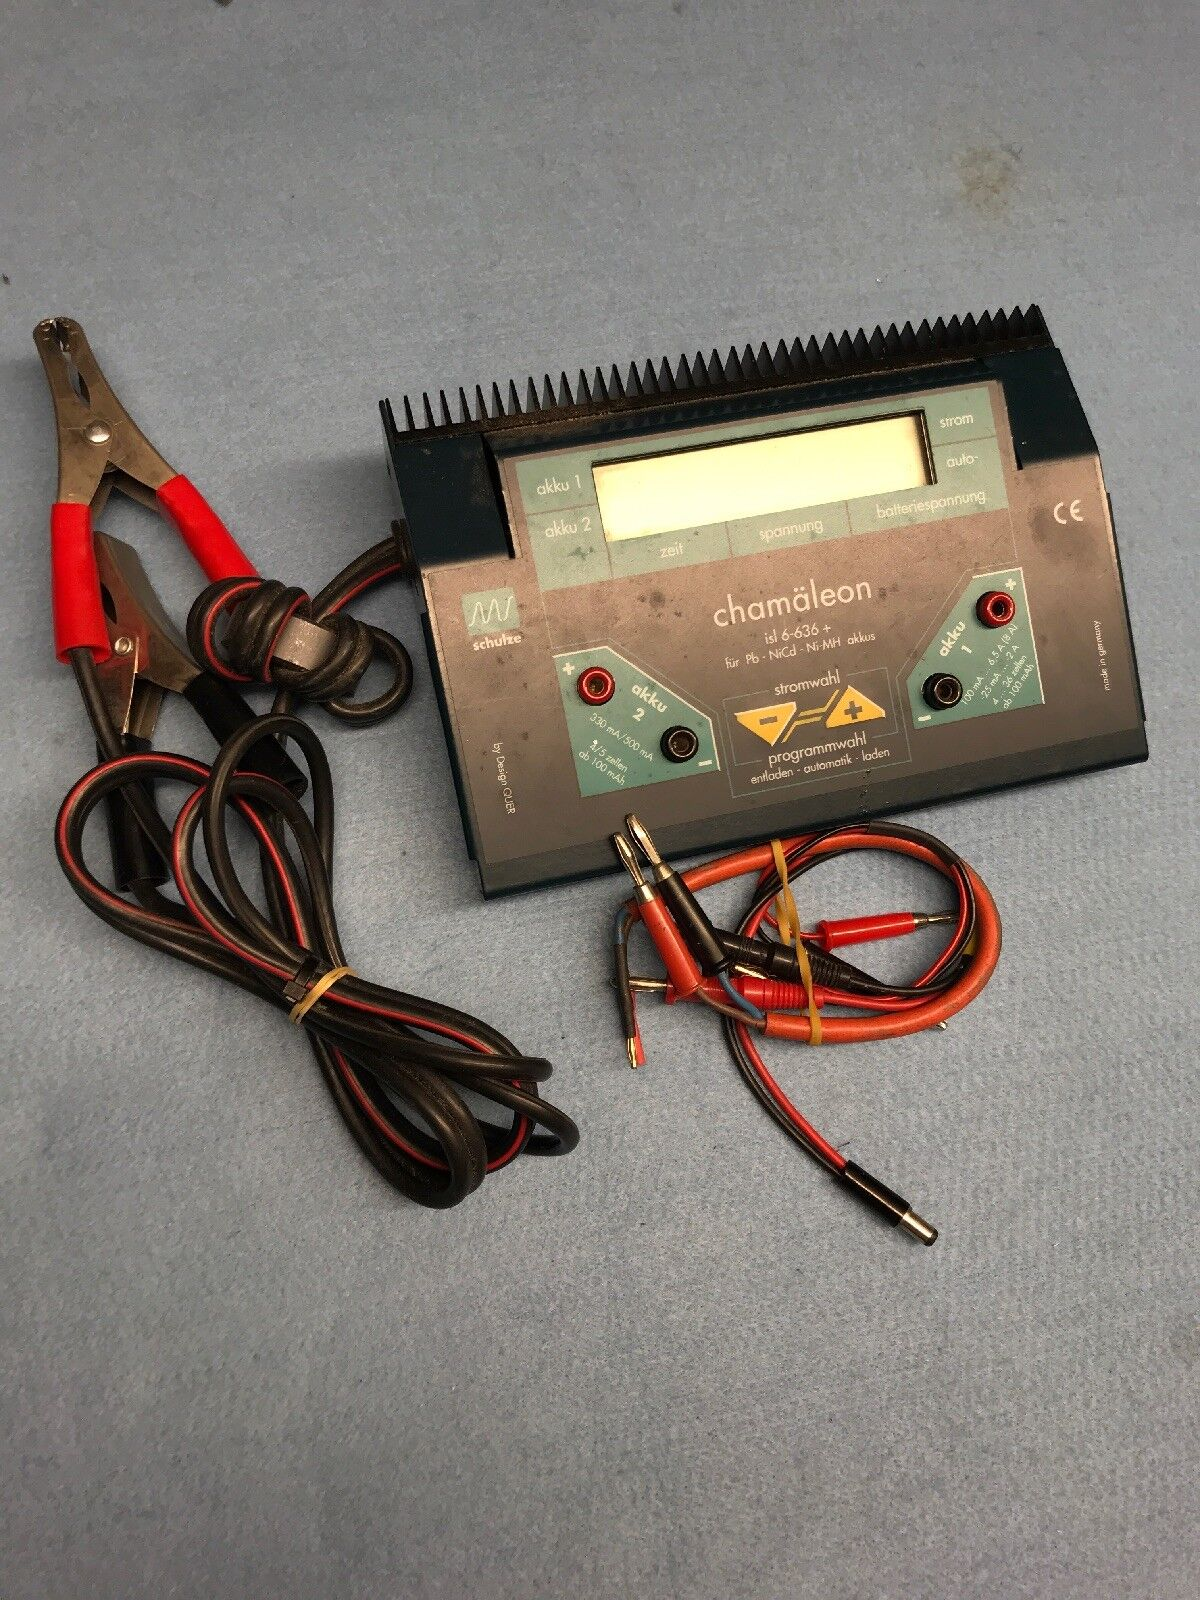 Batería de camaleón 6 - 636